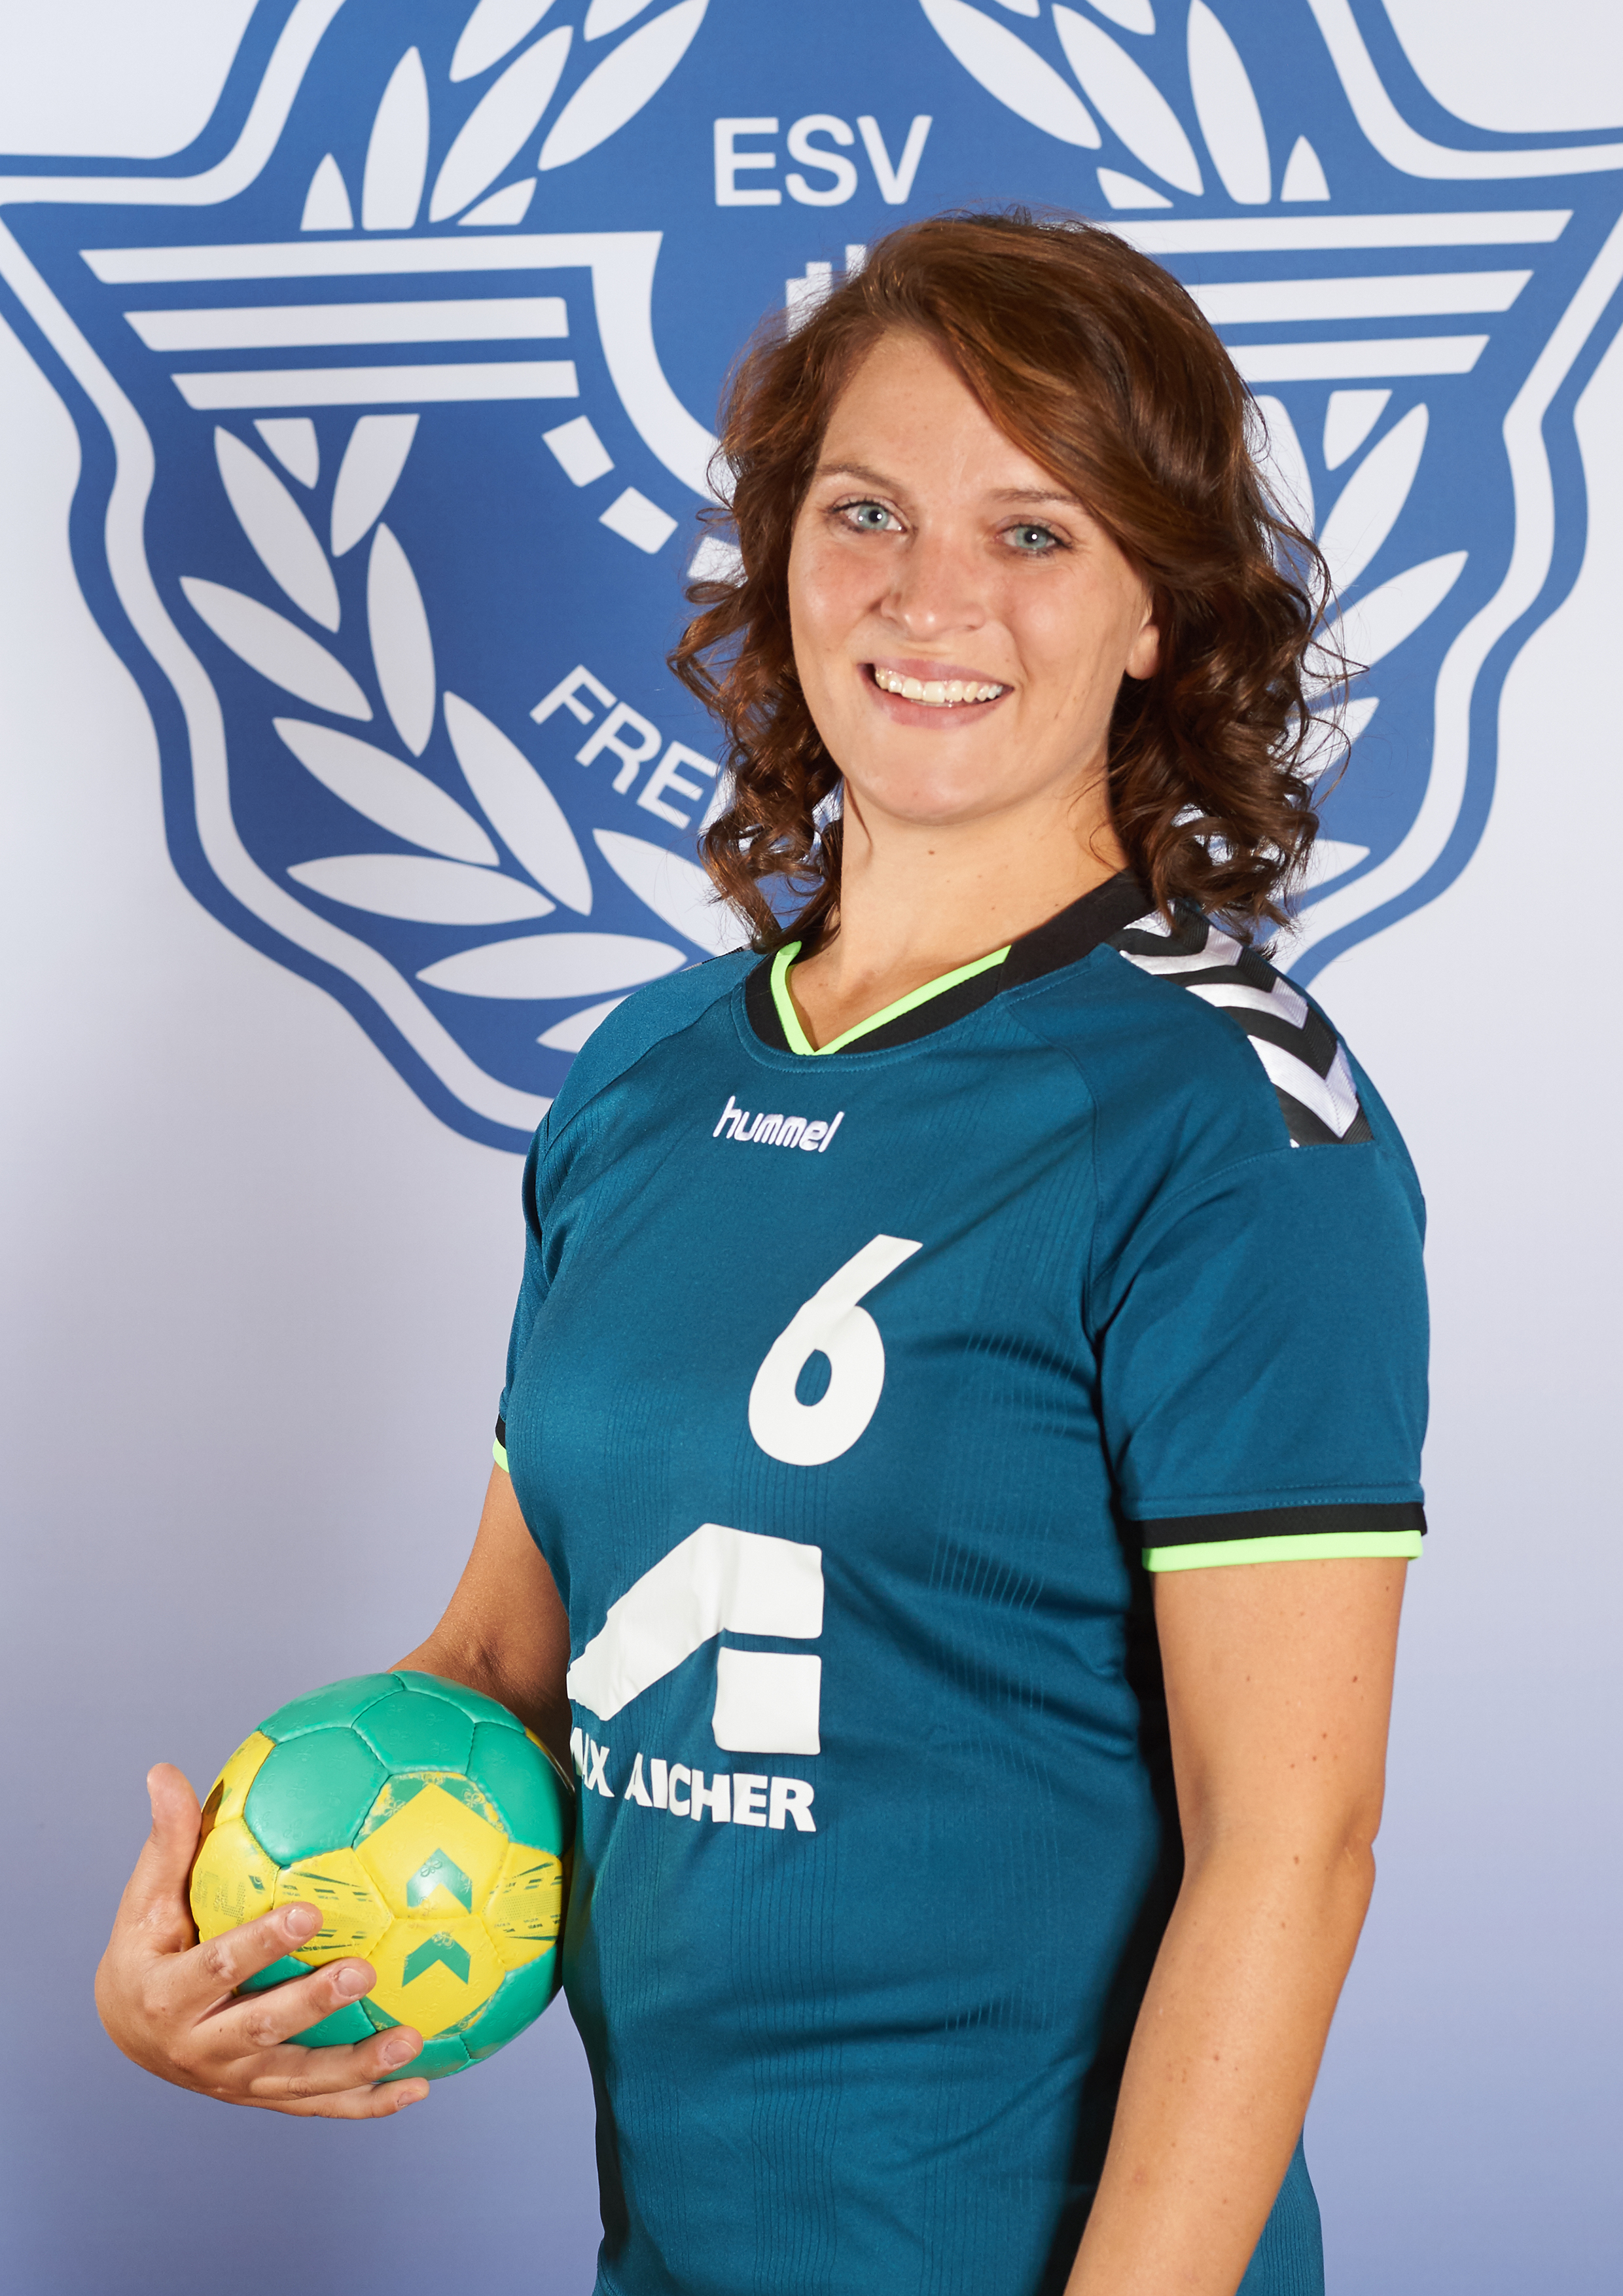 Kati Langner